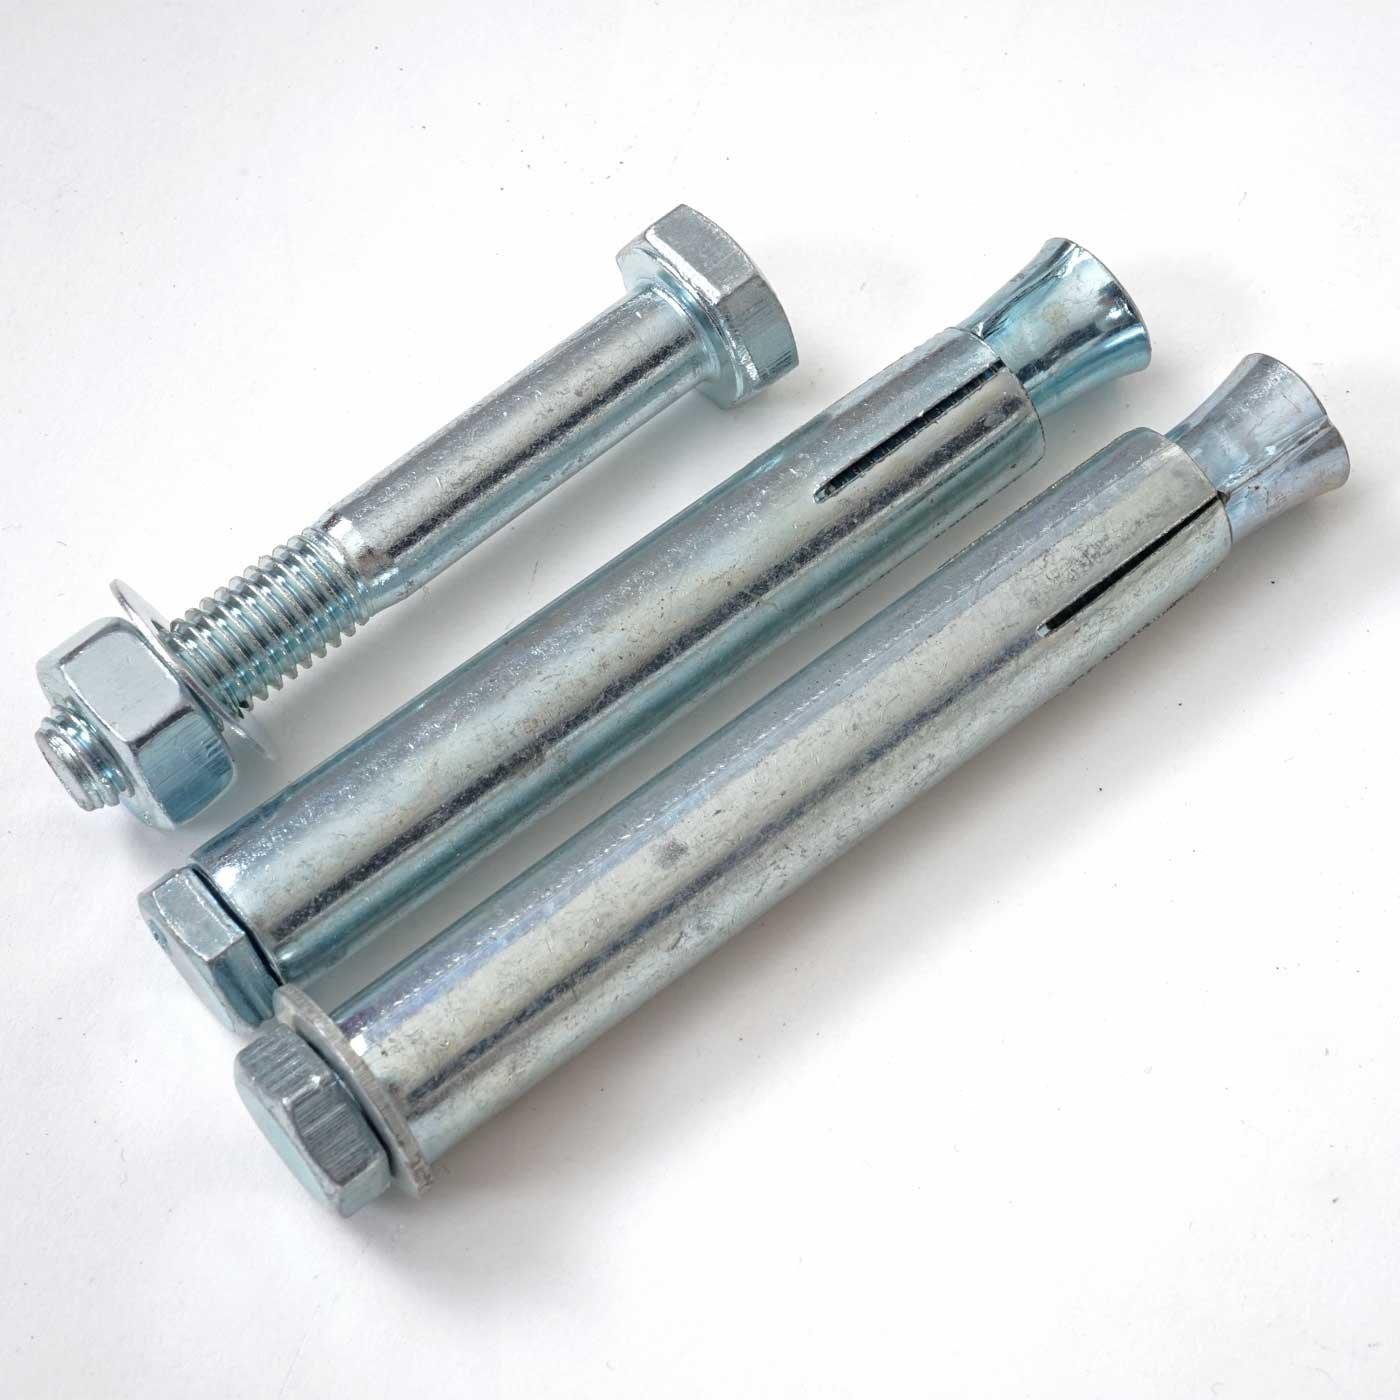 Wandhalterung Deckenmontage Adapter Mendler Deckenhalterung f/ür Markise T790 T791 T792 HWC-E31 E49